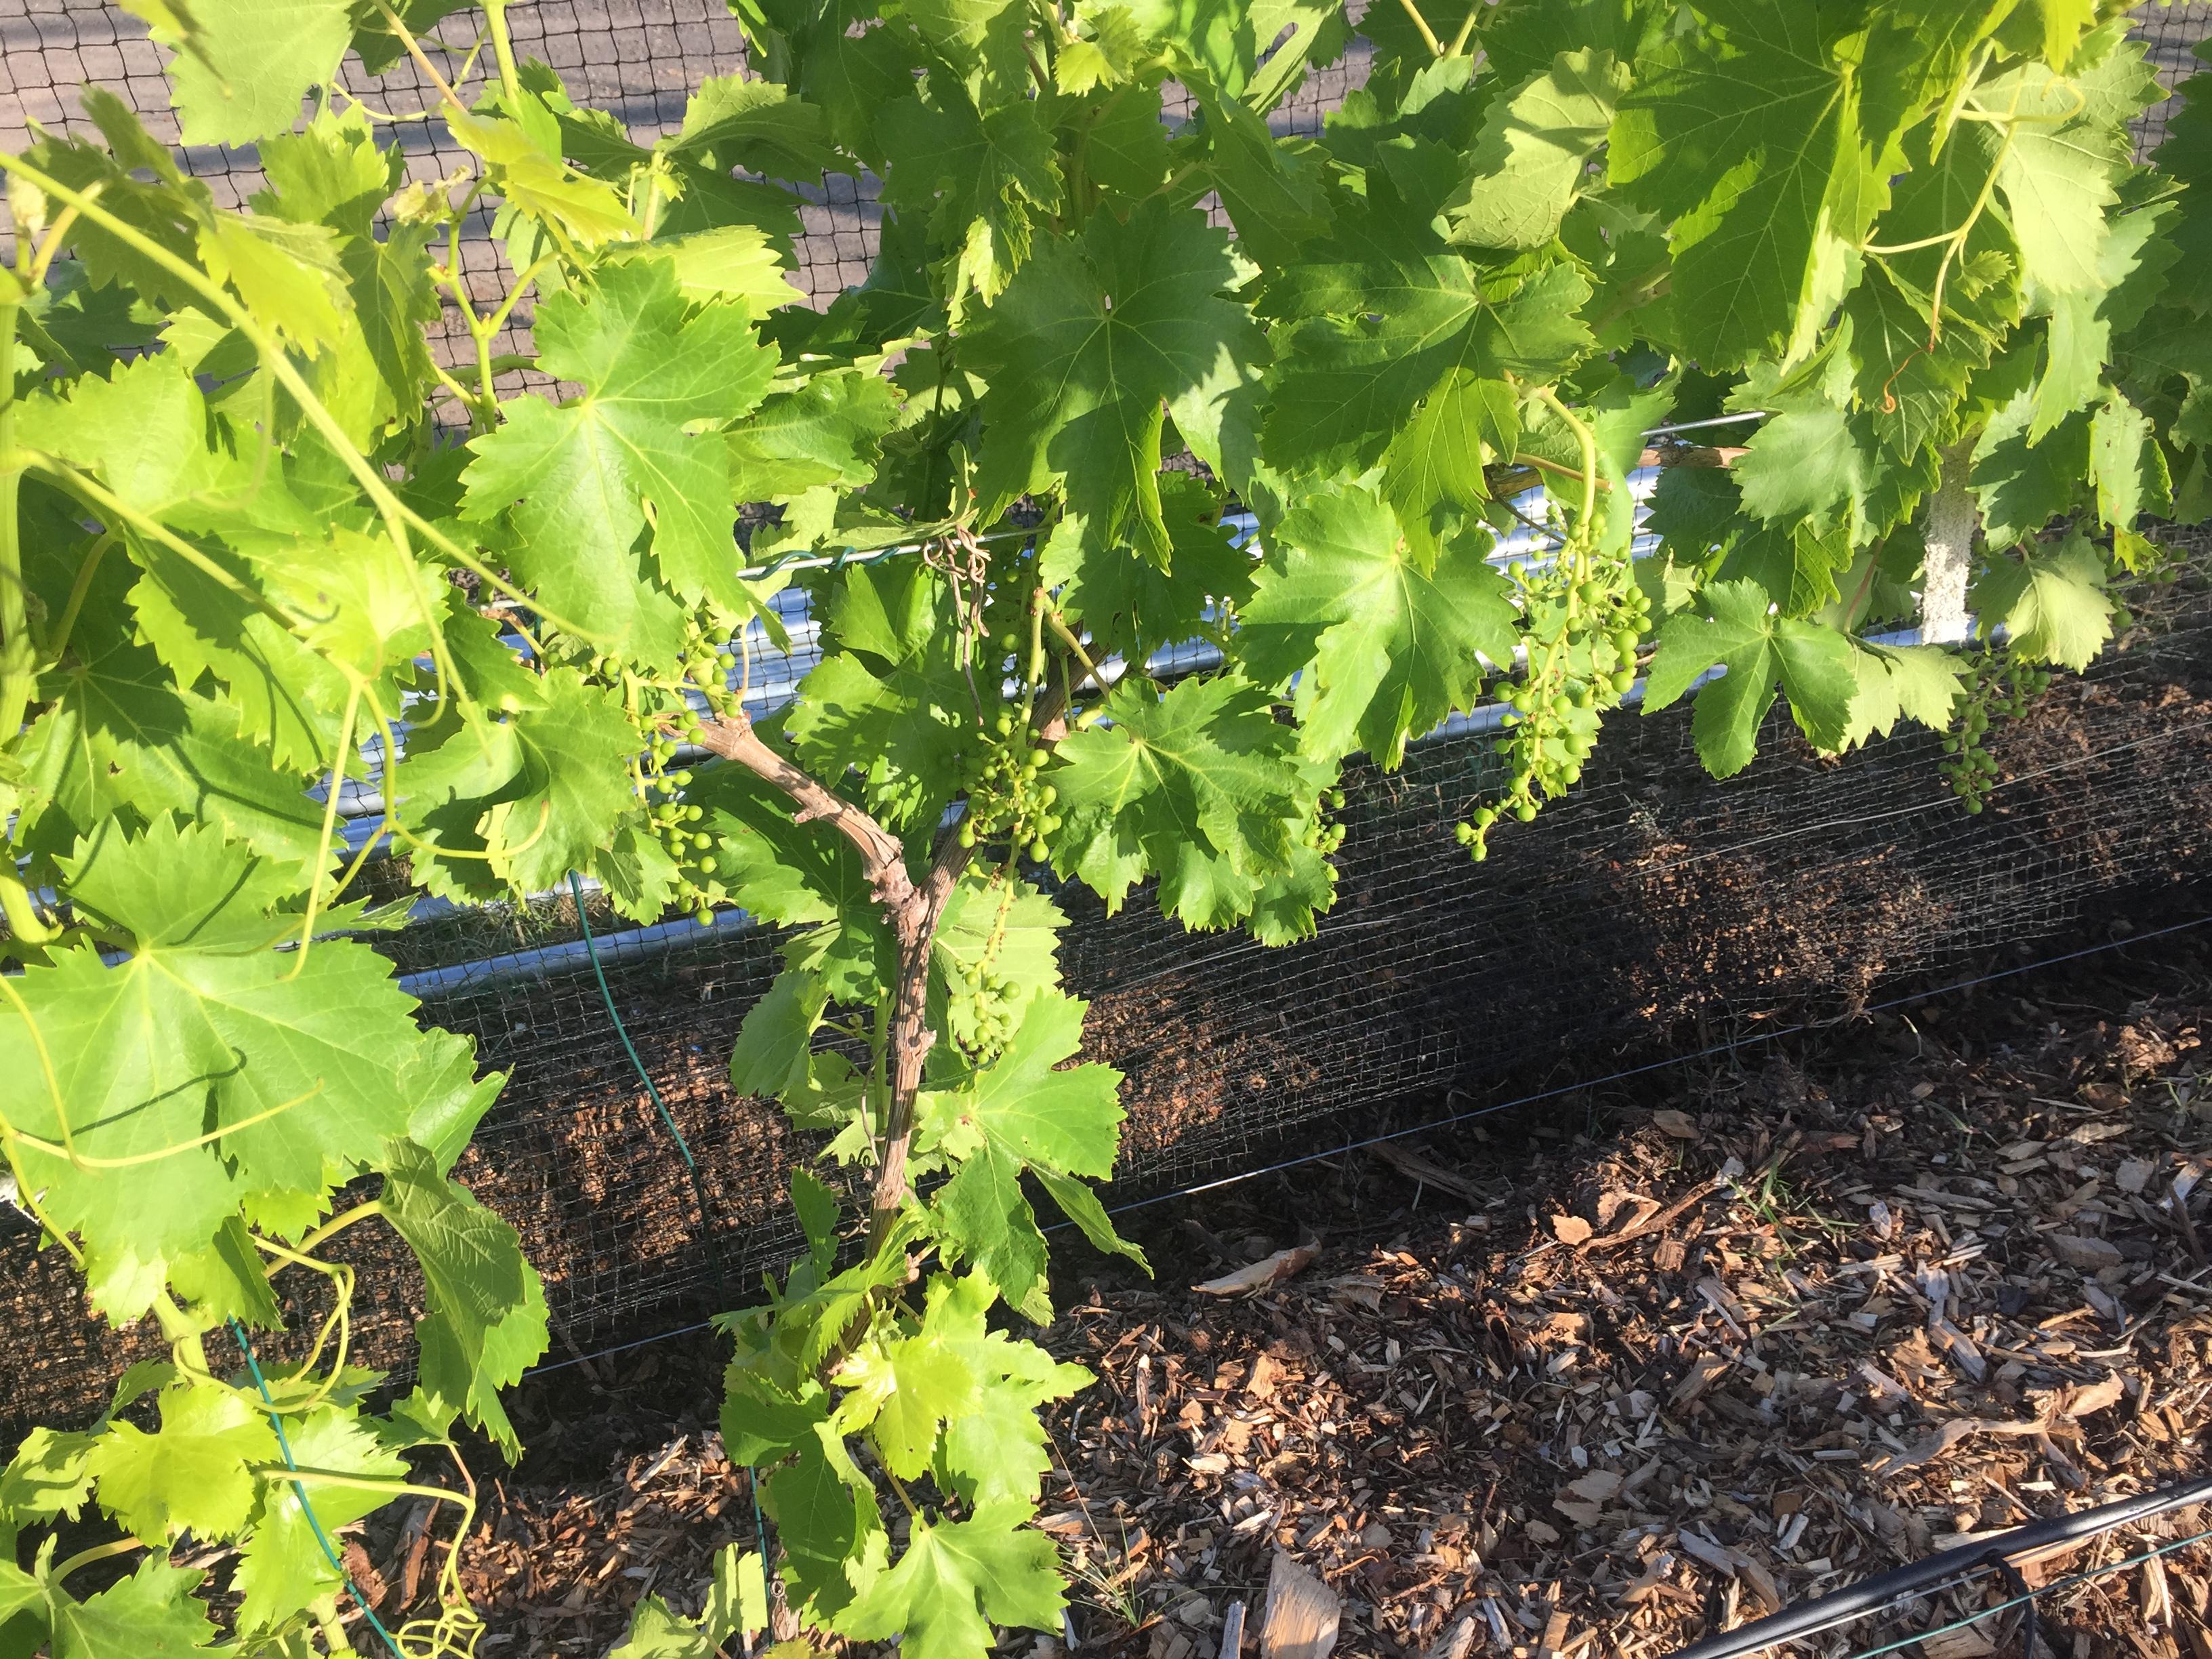 Esummer grapes